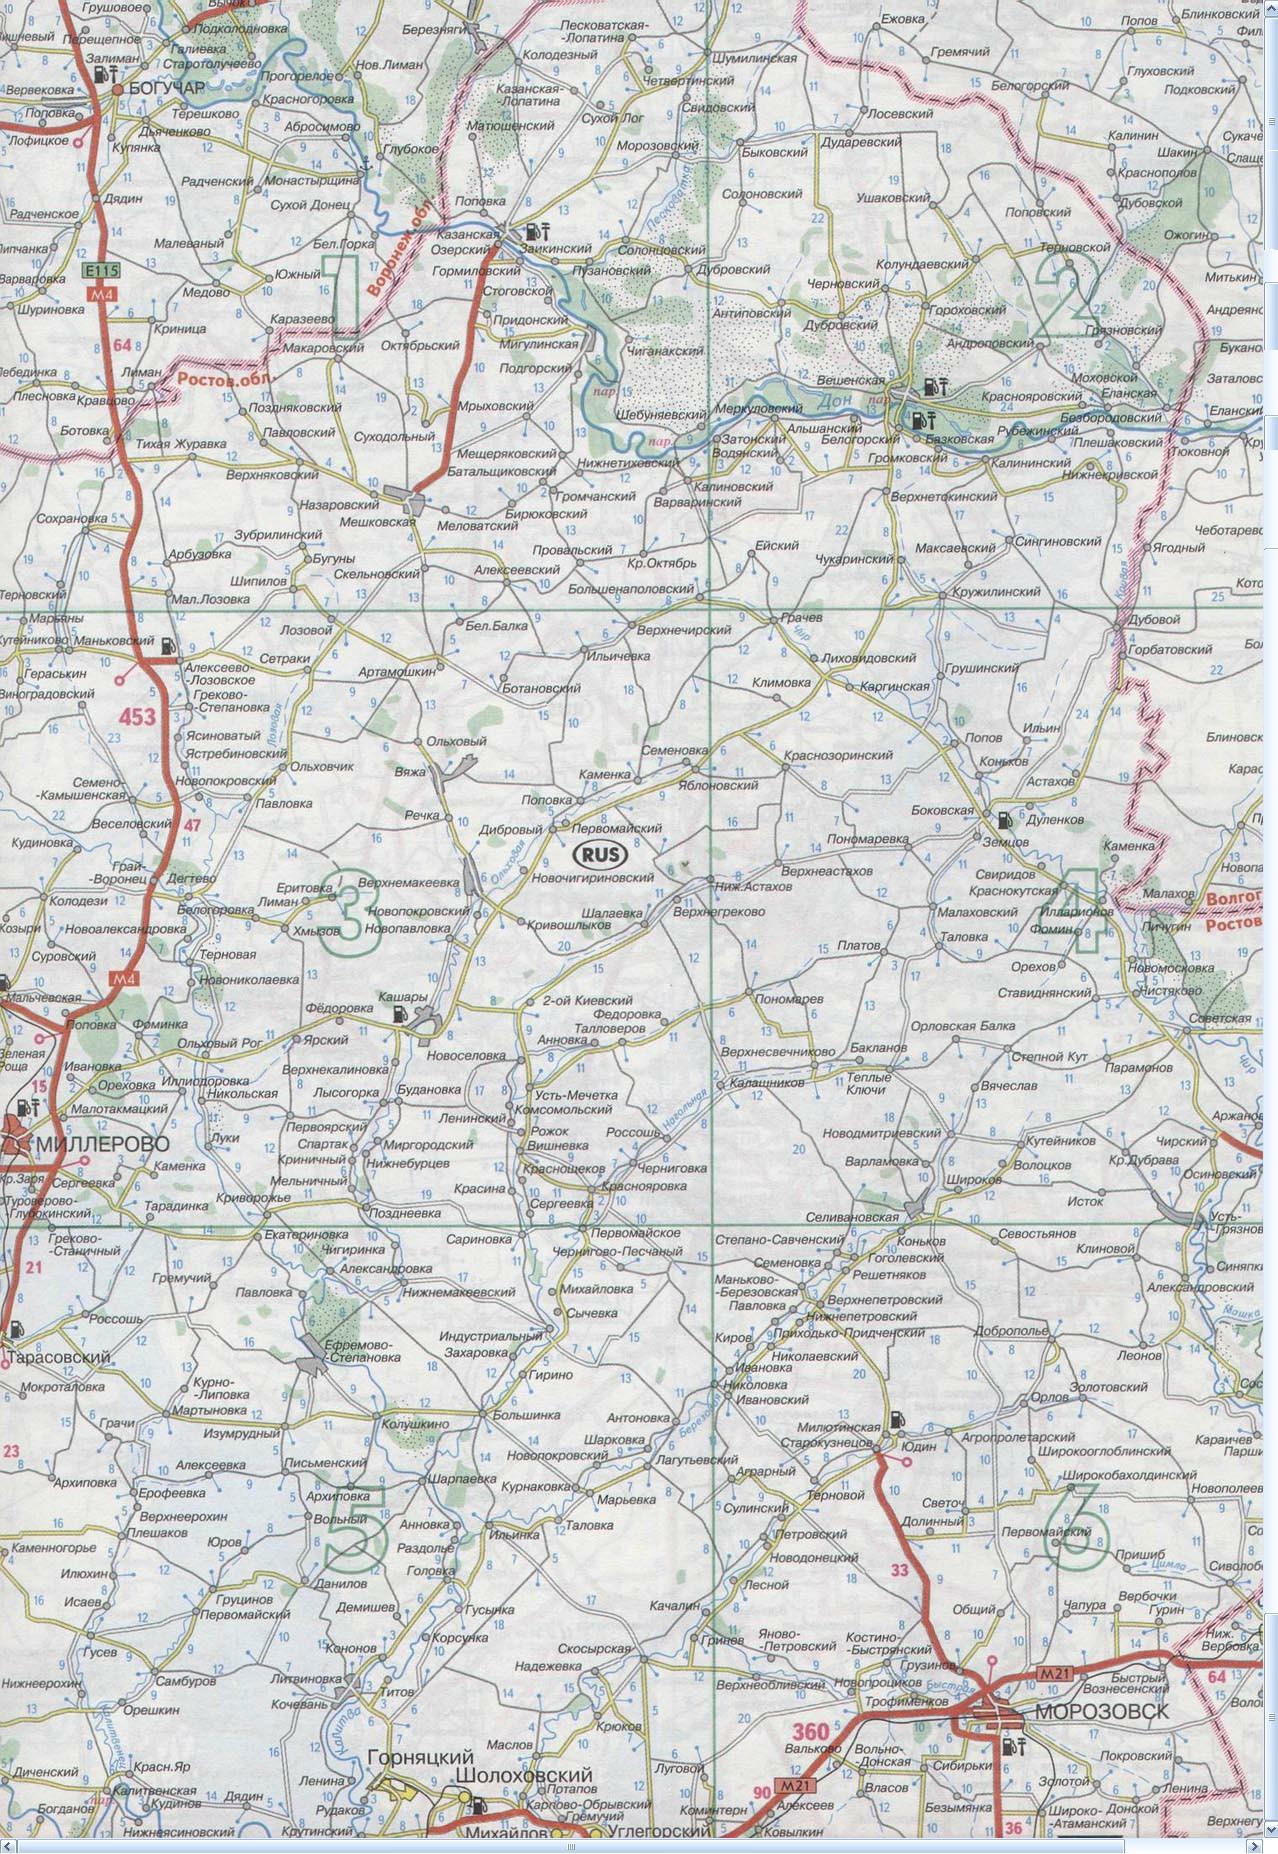 Карта Миллерово, Богучар, Морозовск, Чернышковский